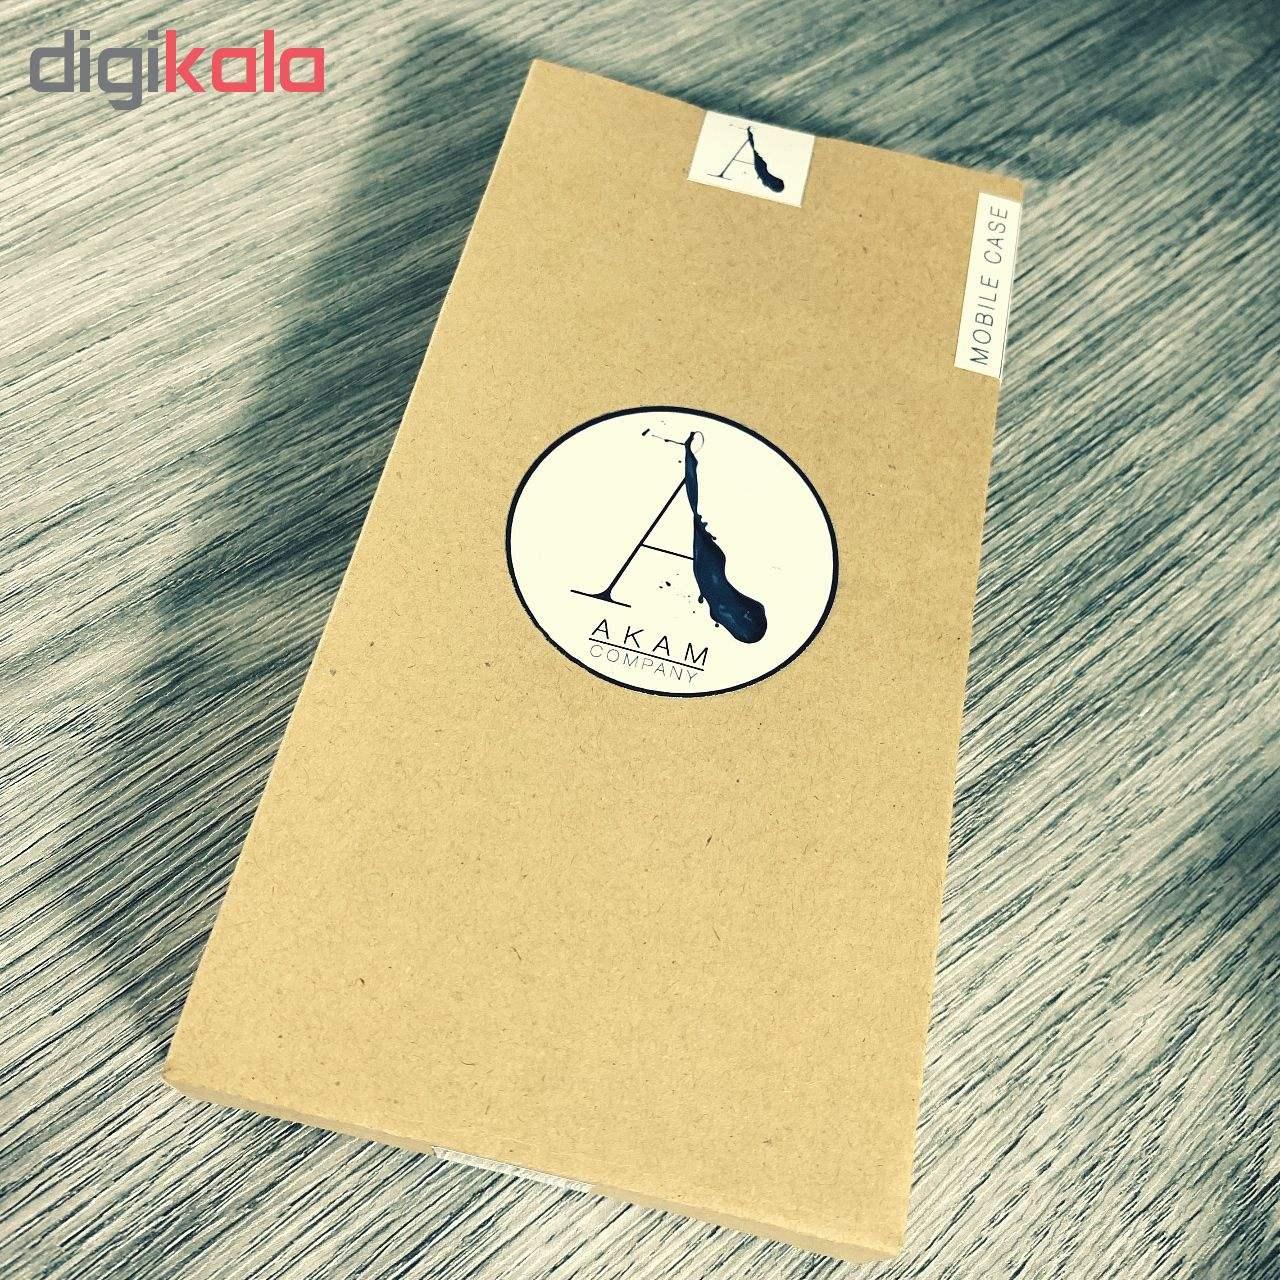 کاور مدل A7P0257 مناسب برای گوشی موبایل اپل iPhone 7 Plus/8 plus main 1 1